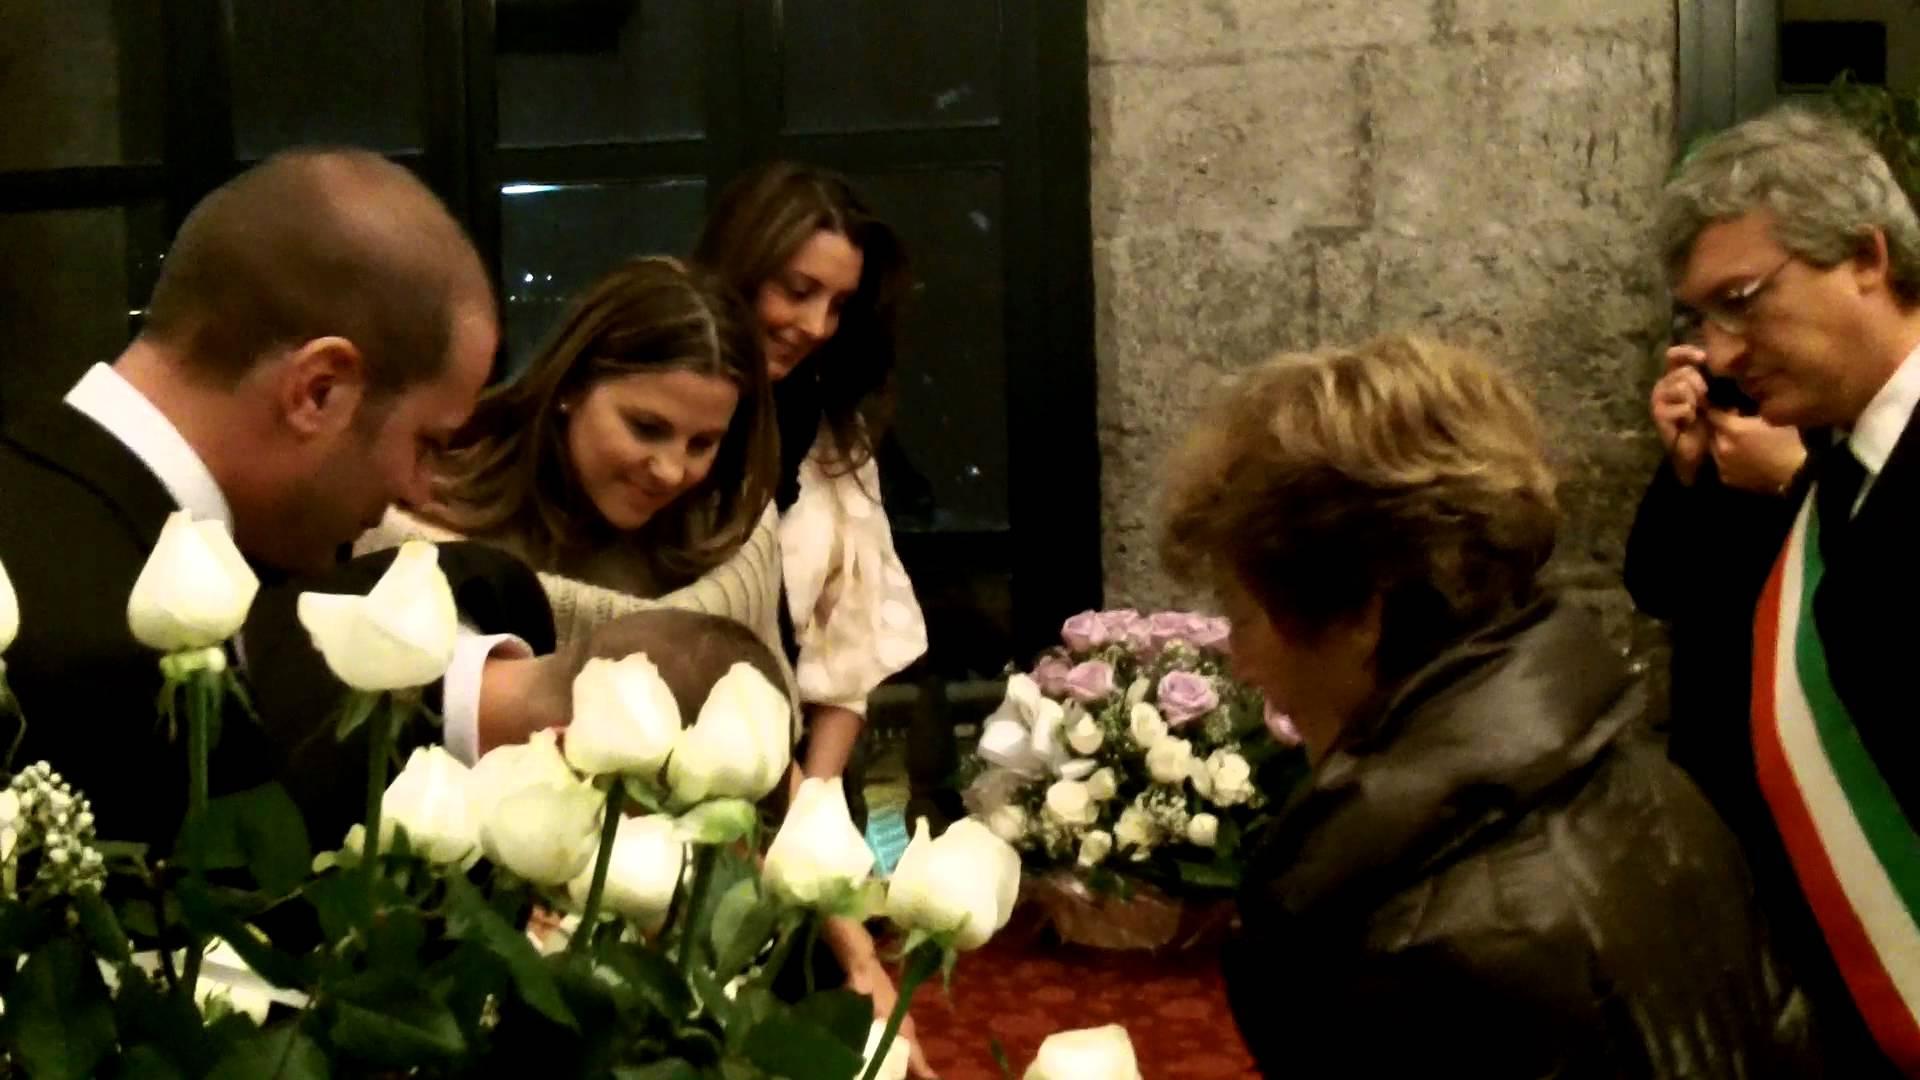 Auguri Matrimonio Testimone : Requisiti per testimone matrimonio in comune